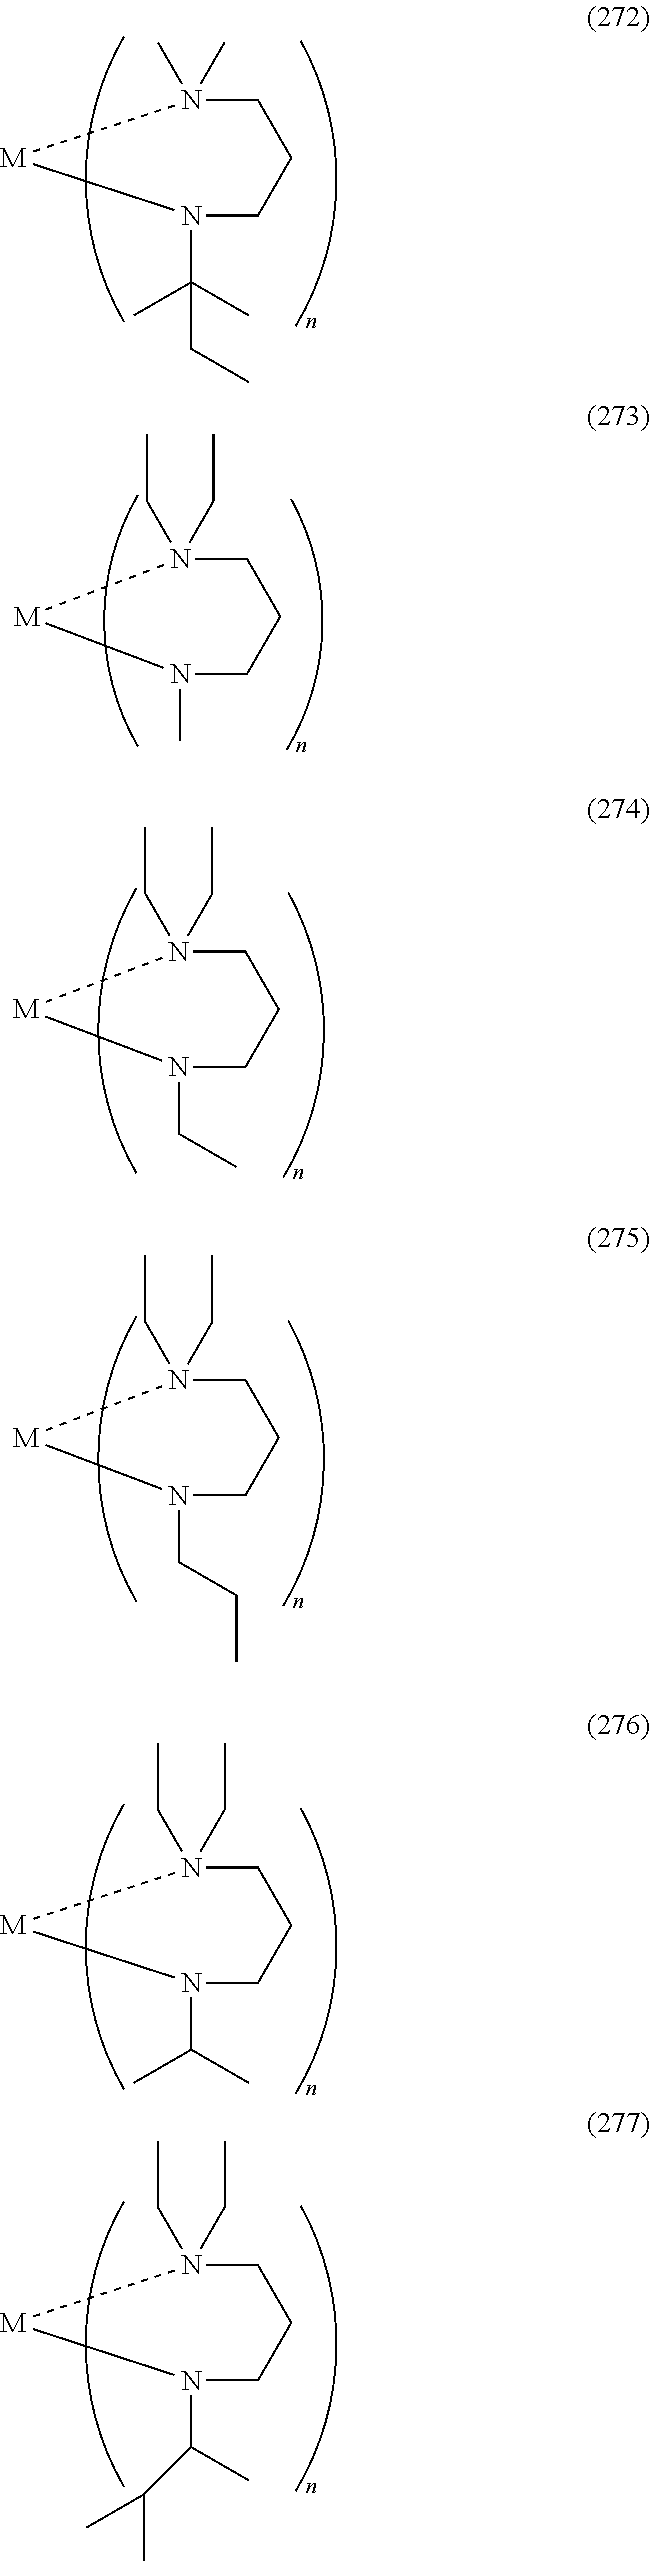 Figure US08871304-20141028-C00054